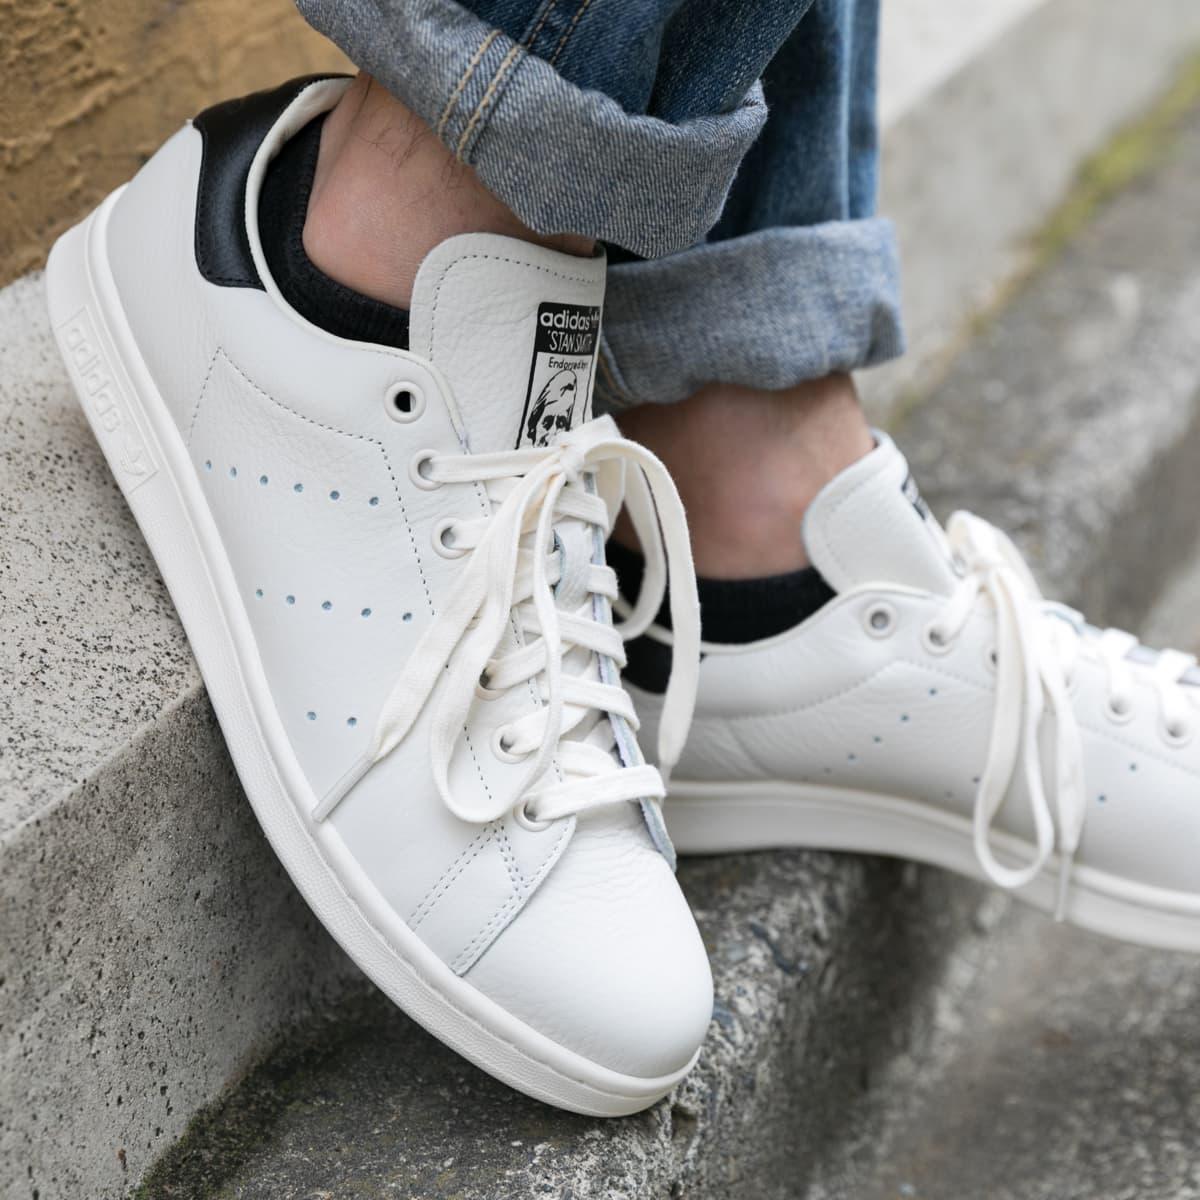 adidas Originals Stan Smith Chalk White